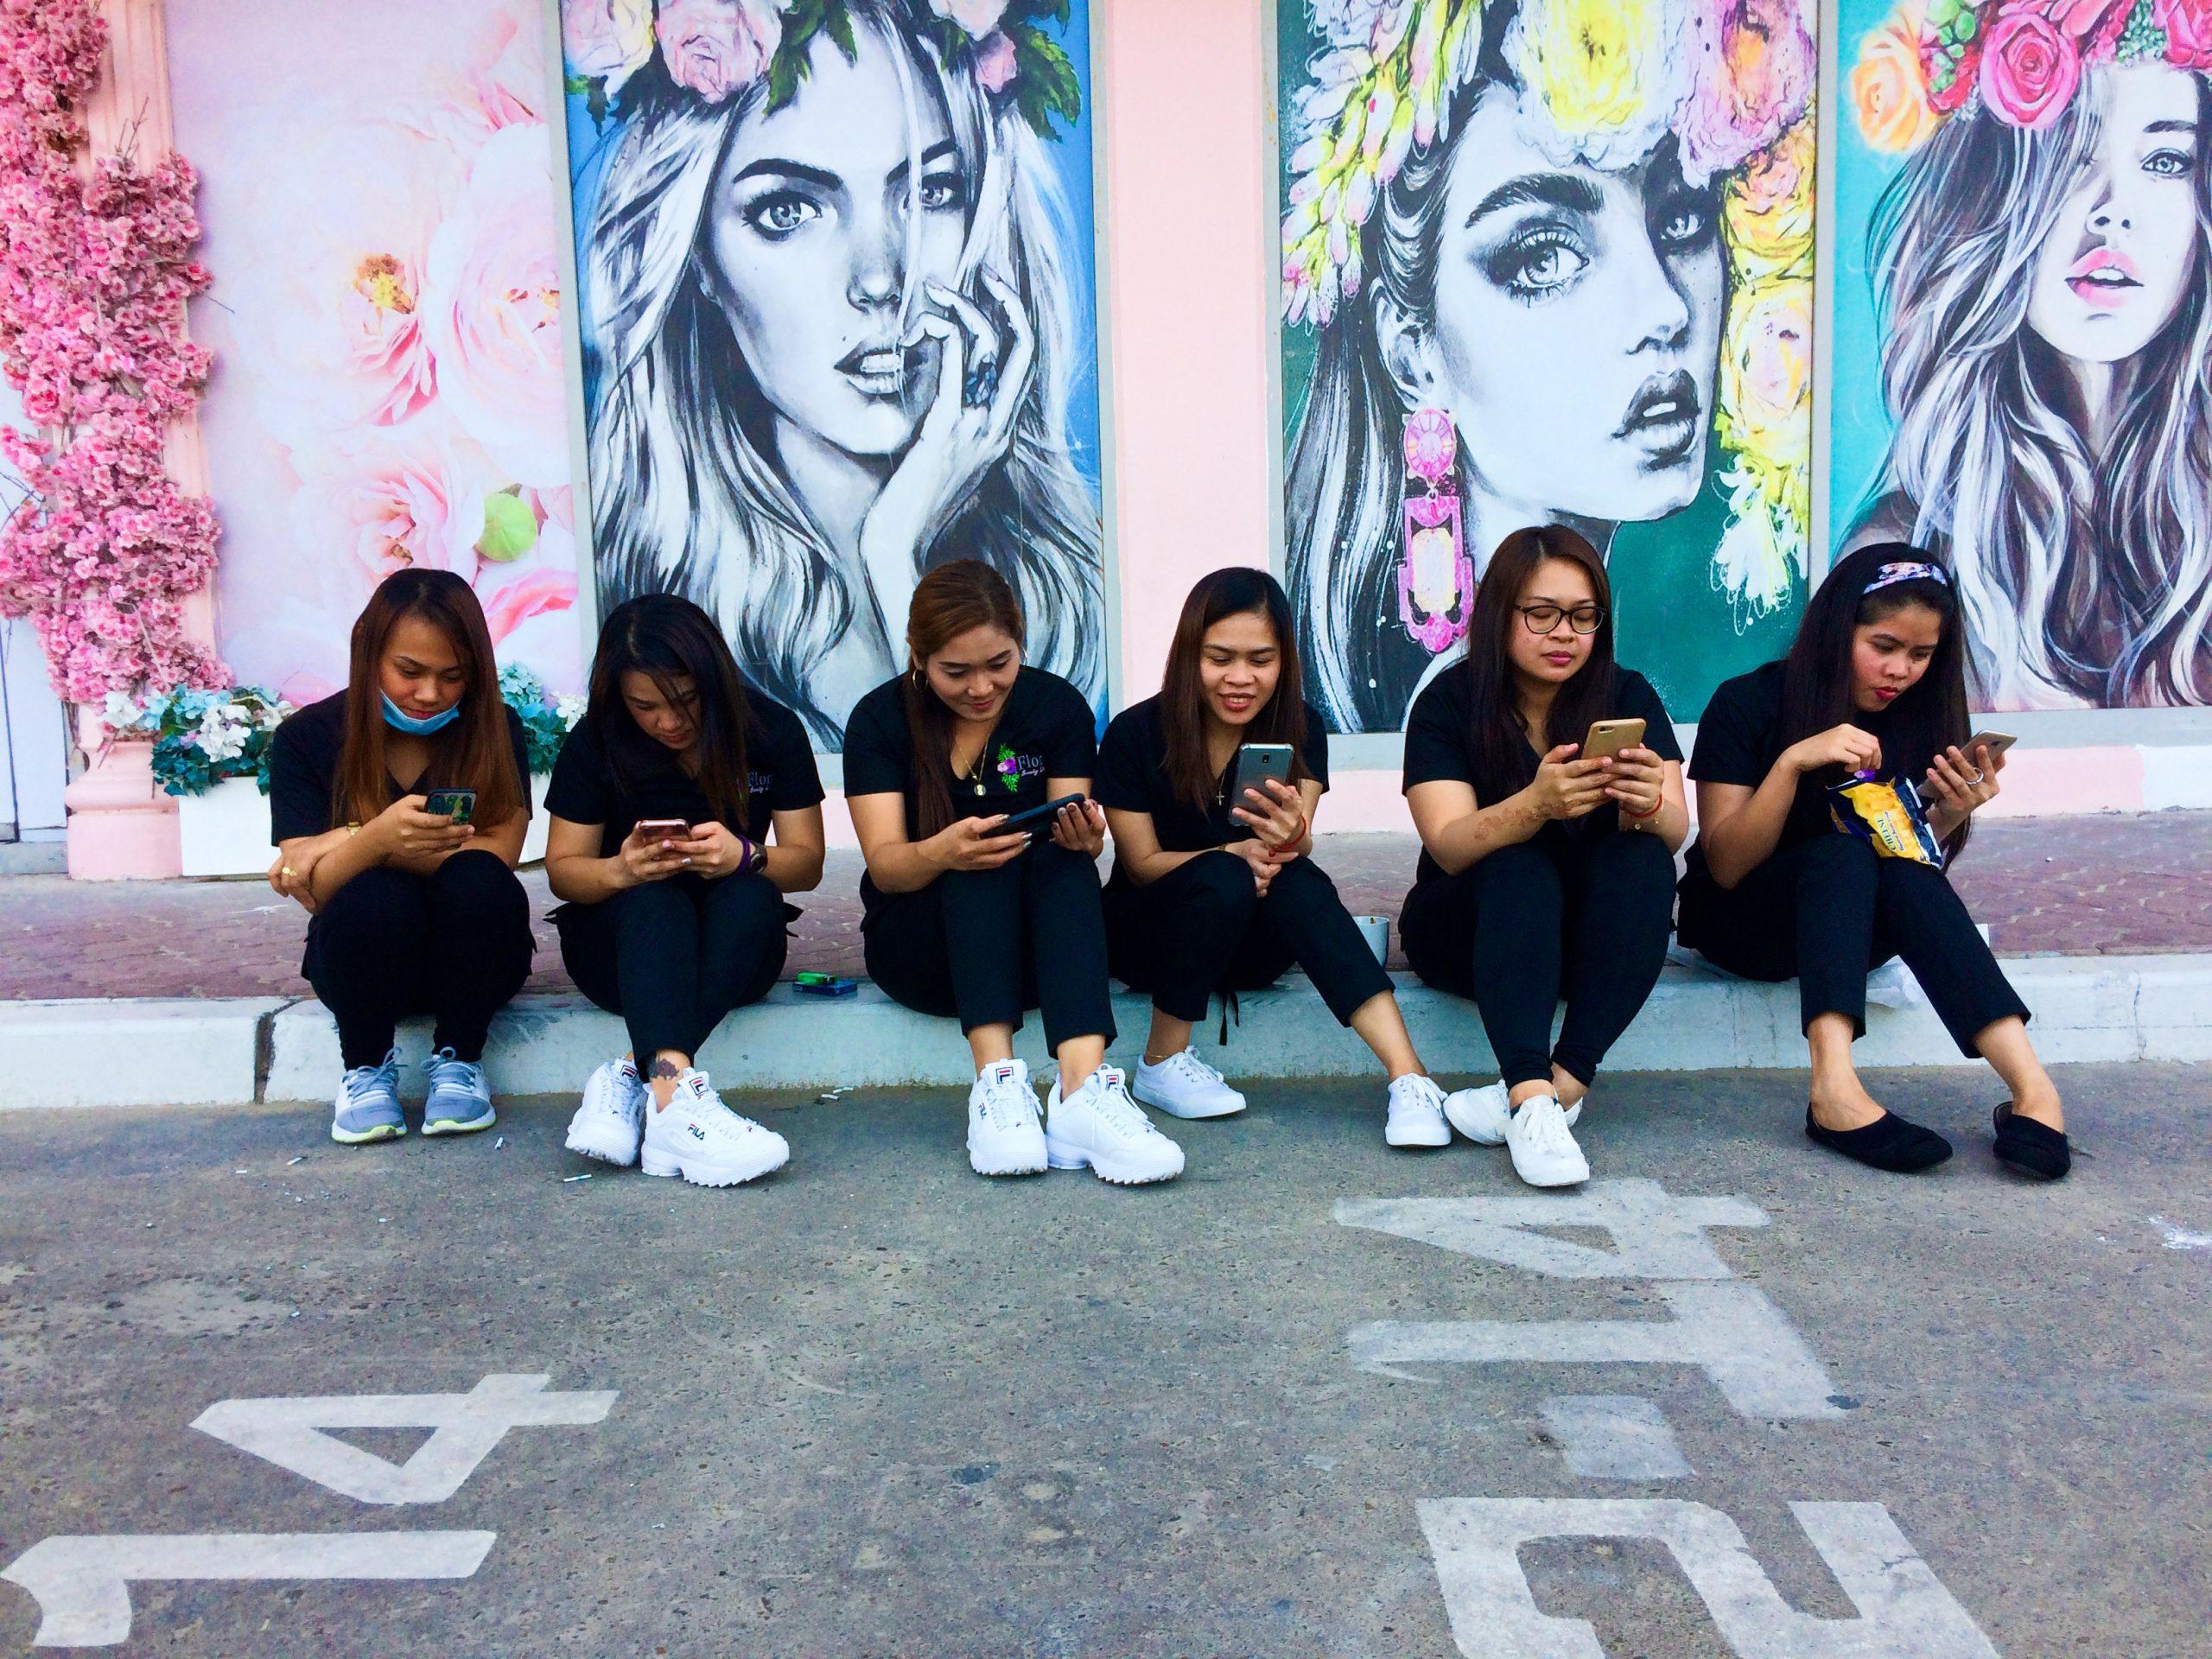 Break time for girls